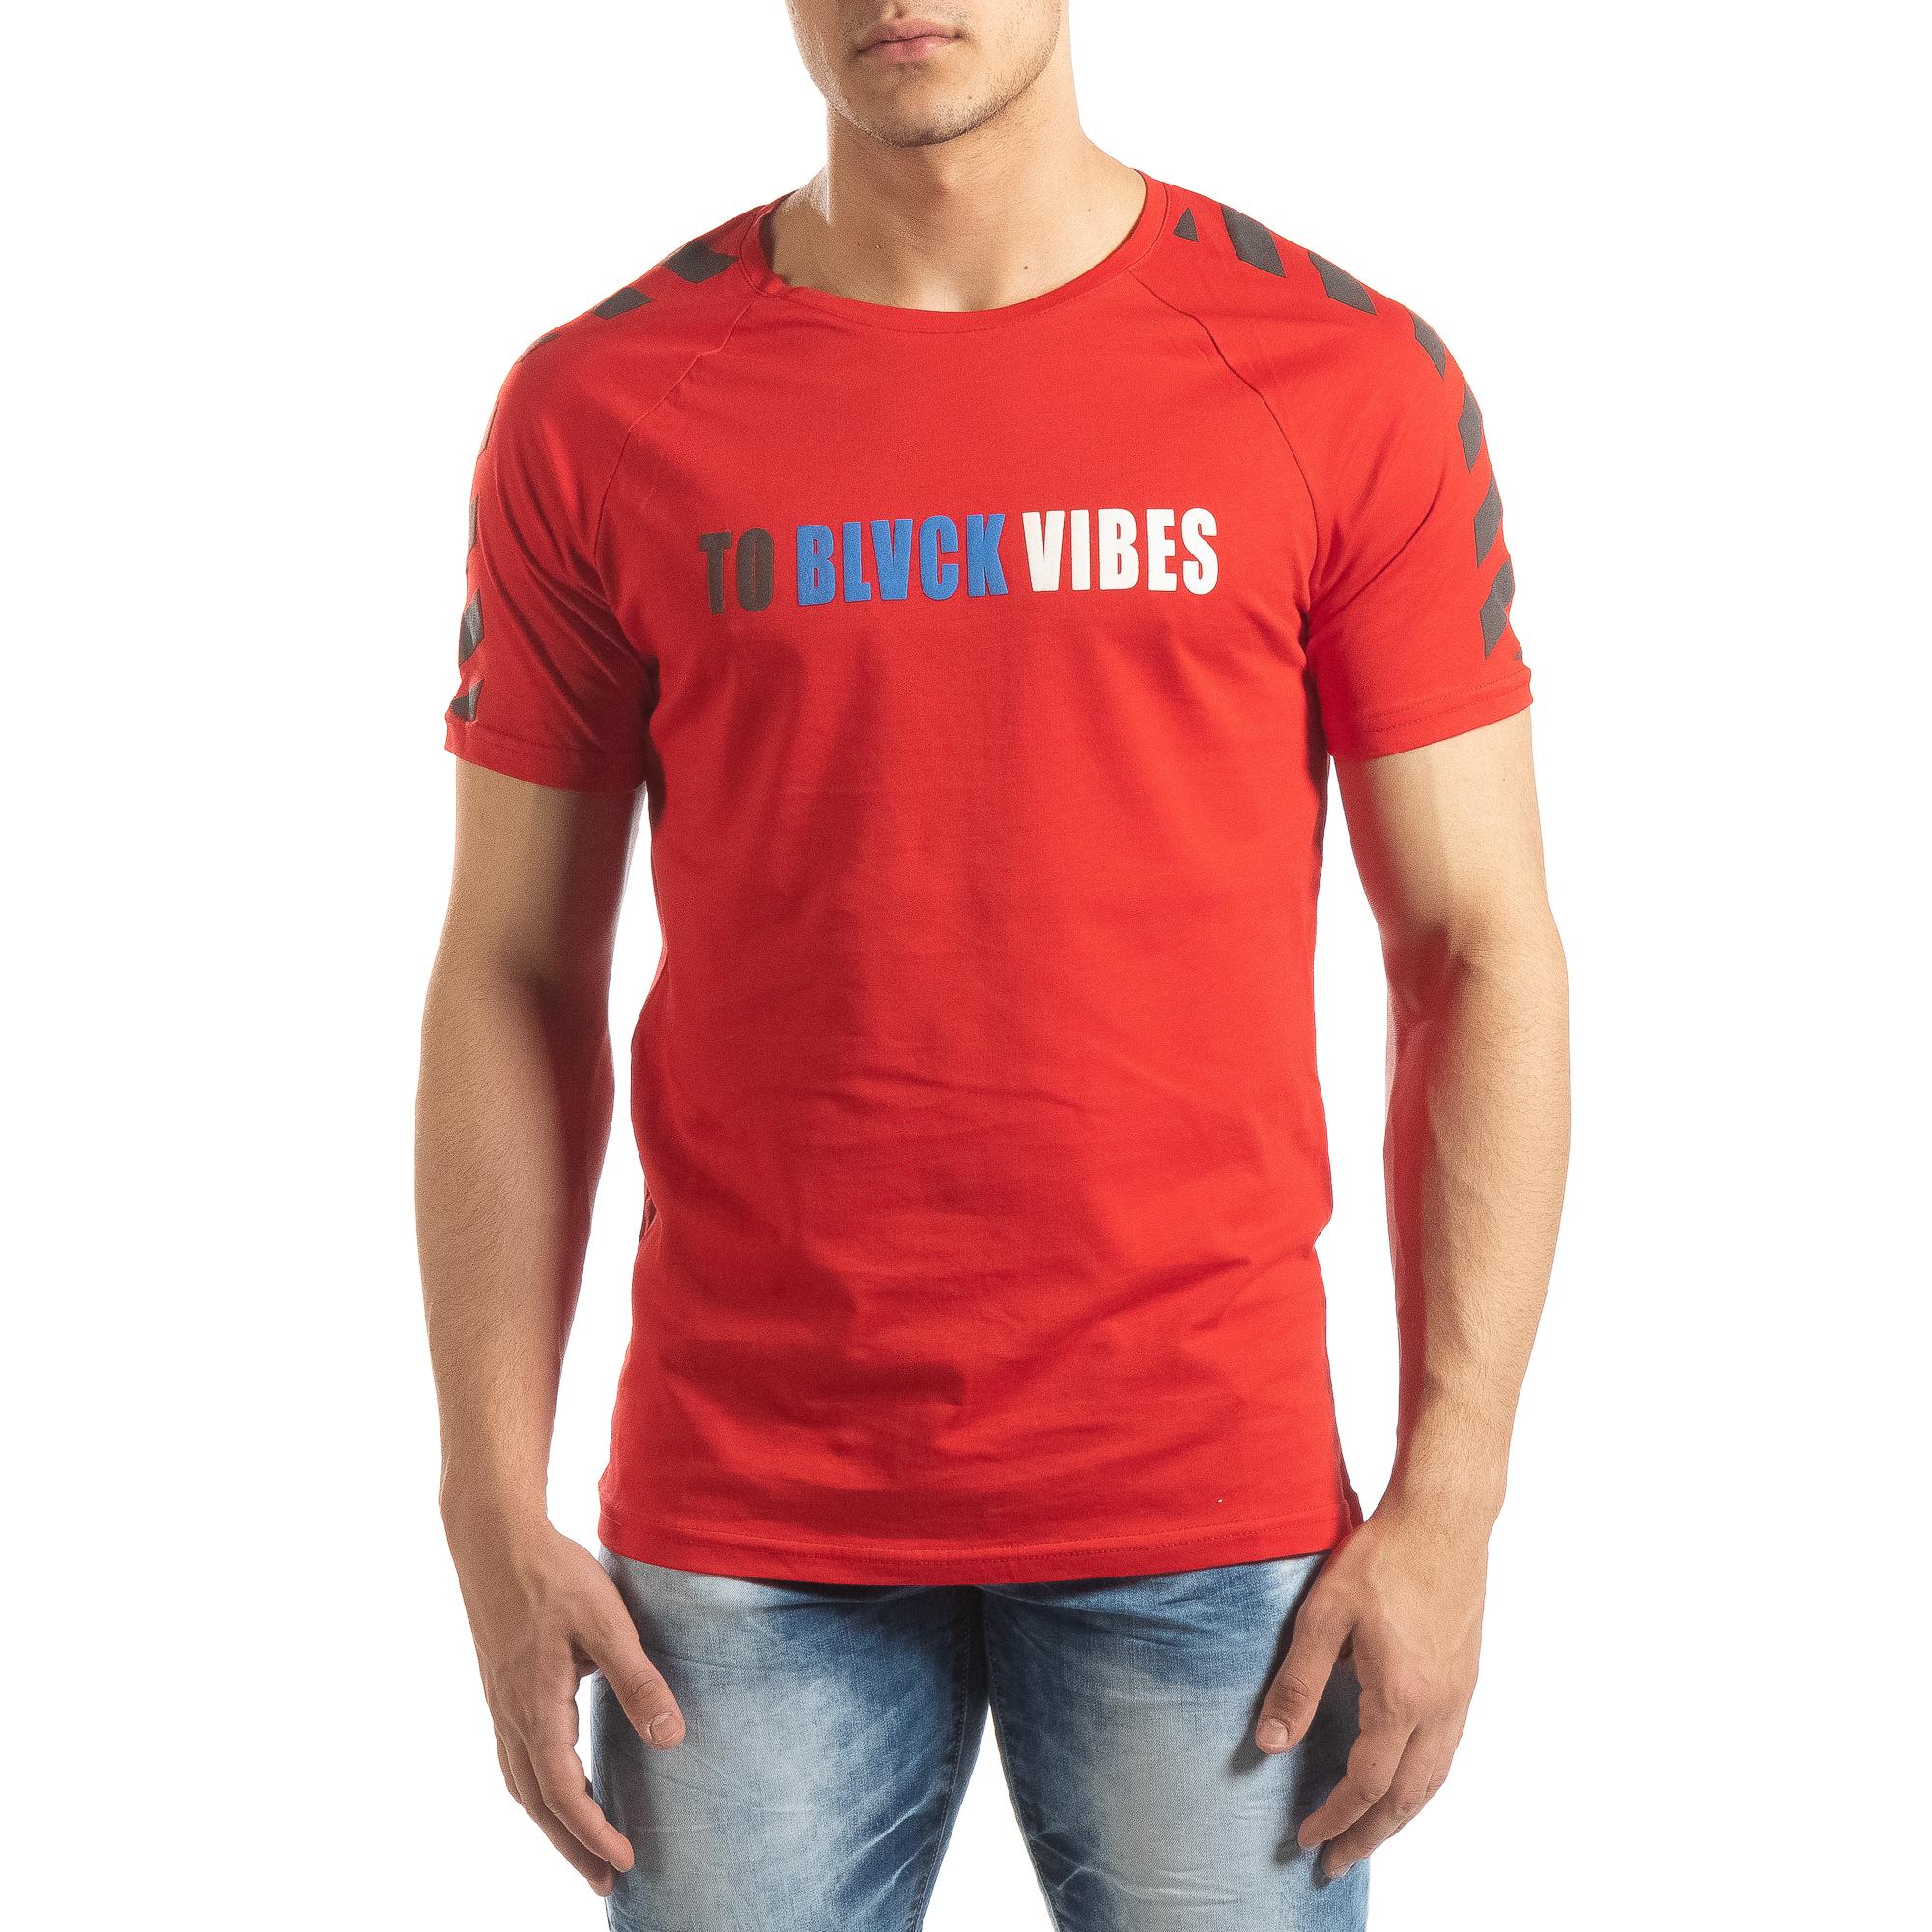 Ανδρική κόκκινη κοντομάνικη μπλούζα με λεπτομέρειες στα μανίκια